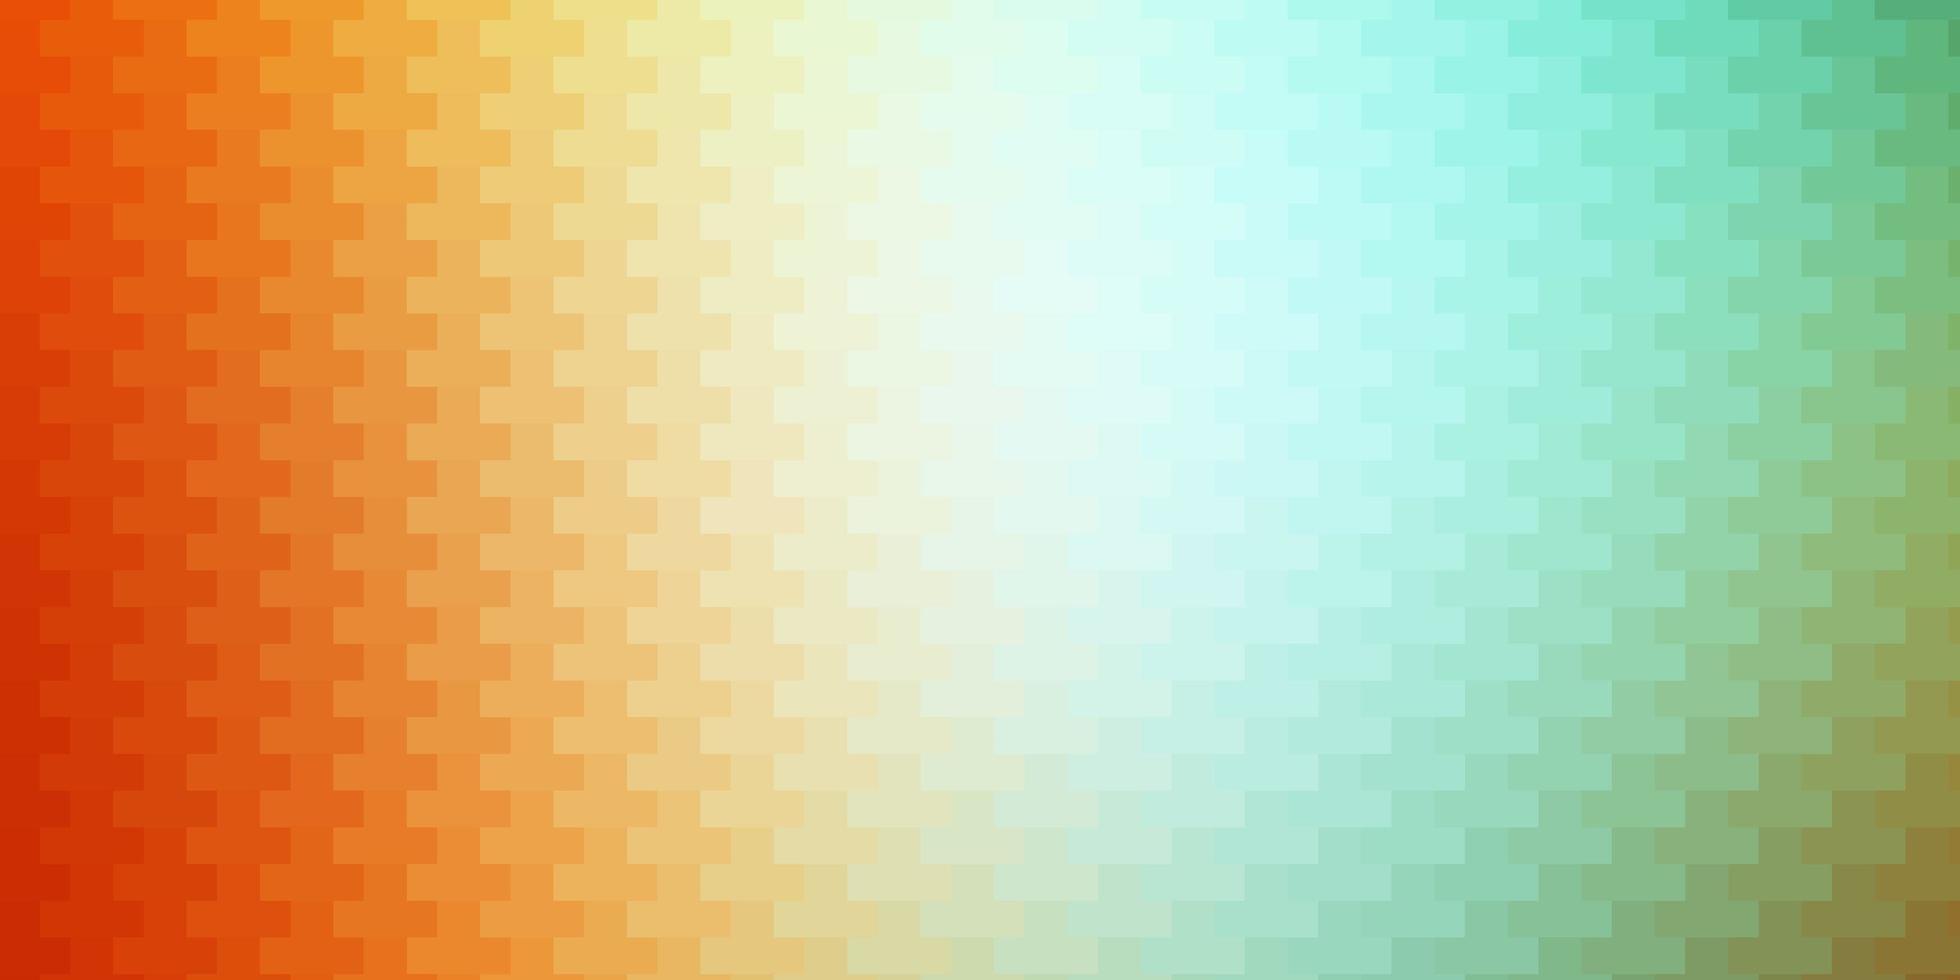 lichtgroene, gele vectorachtergrond met rechthoeken. vector